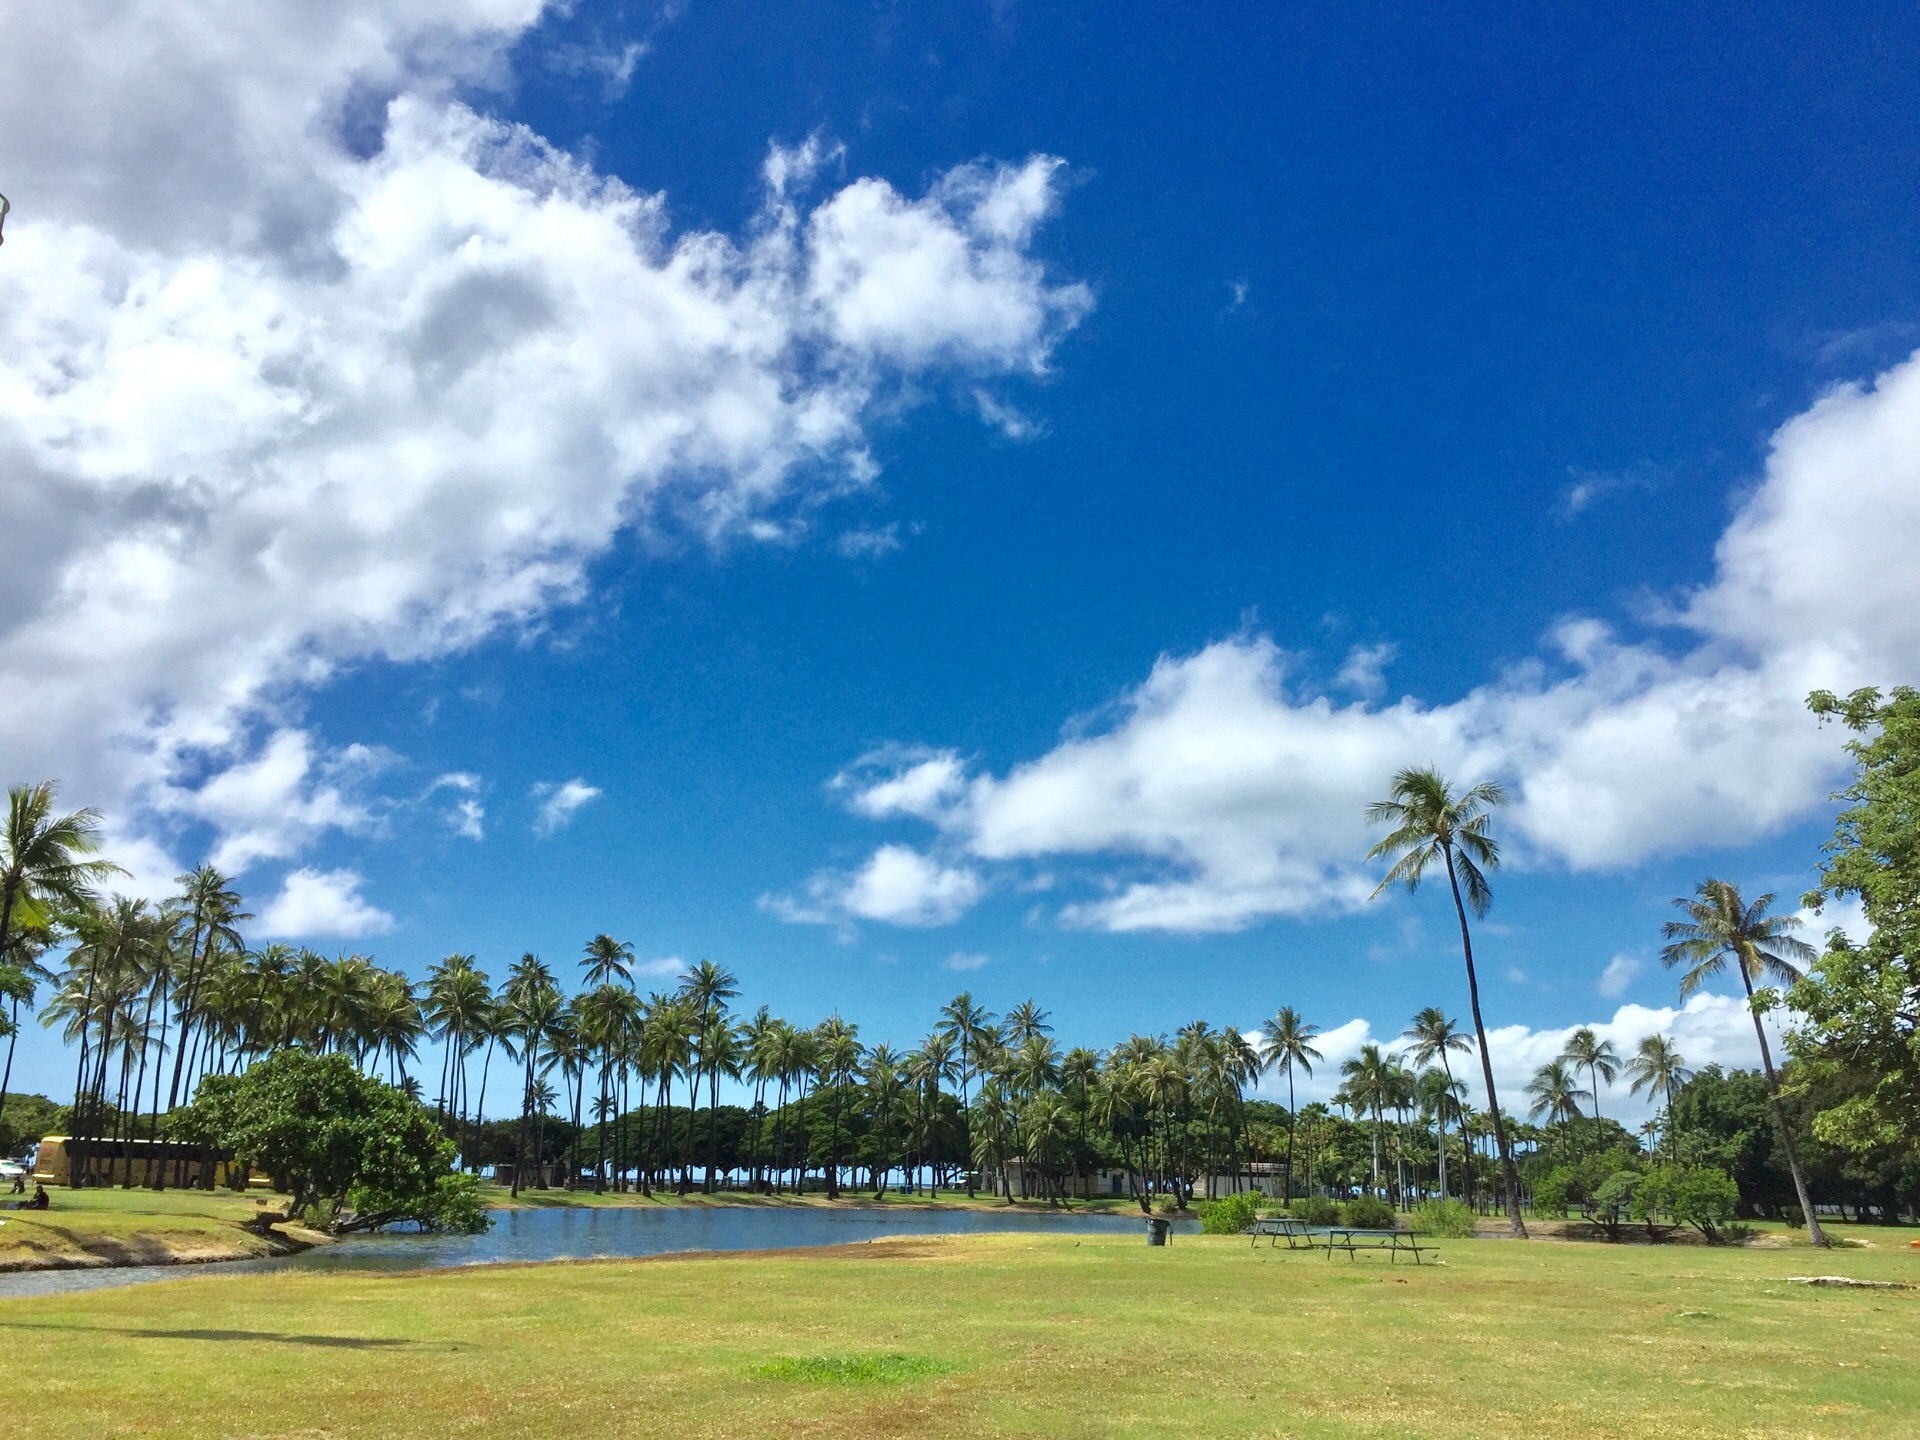 マリポサ(ハワイ)のランチ!海を一望できるレストランのおすすめメニューは?